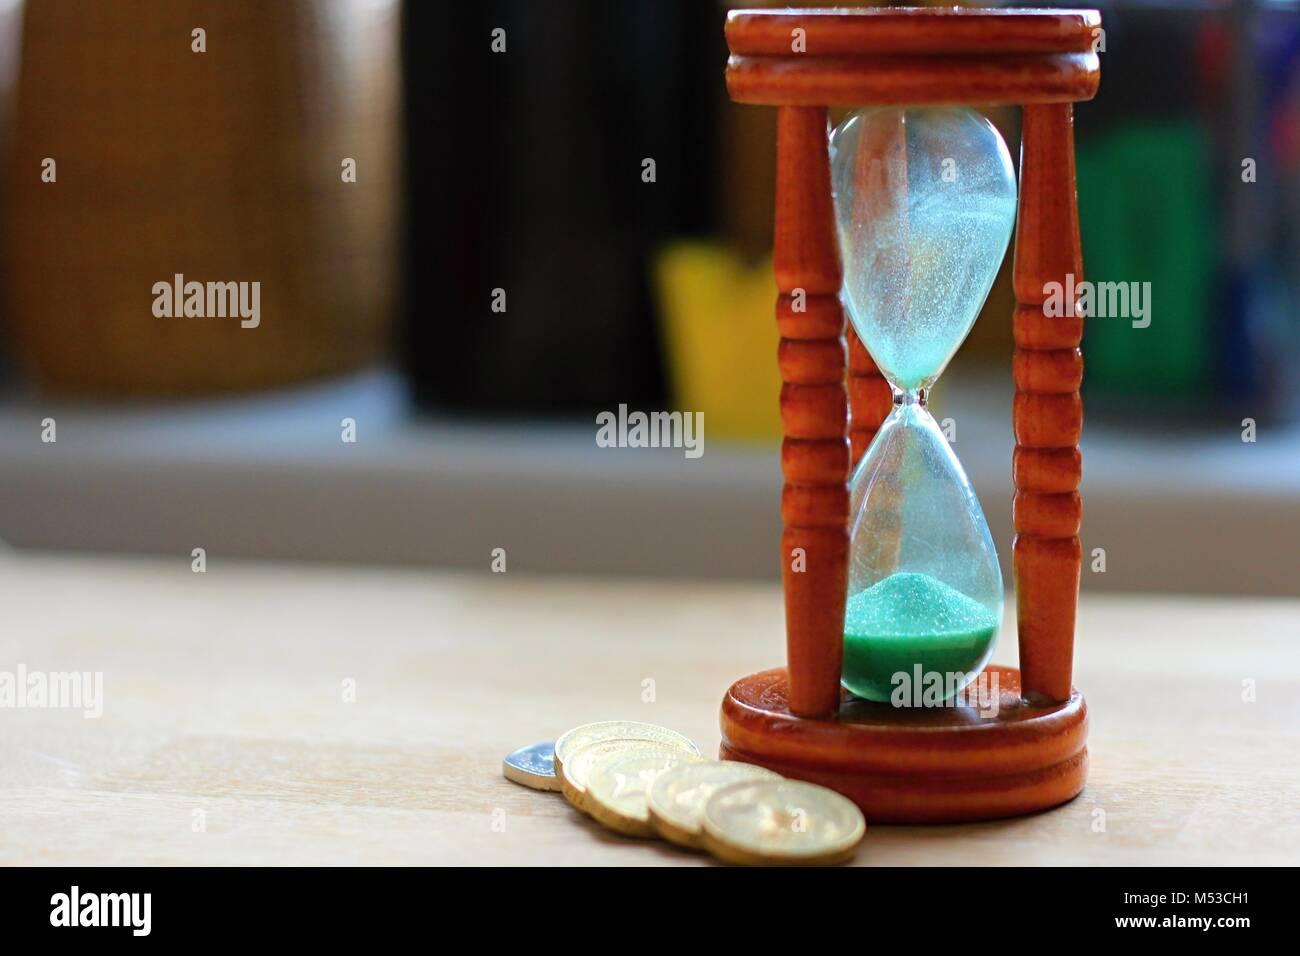 El Tiempo Es El Bien Más Preciado Y El Dinero No Puede Comprar Este